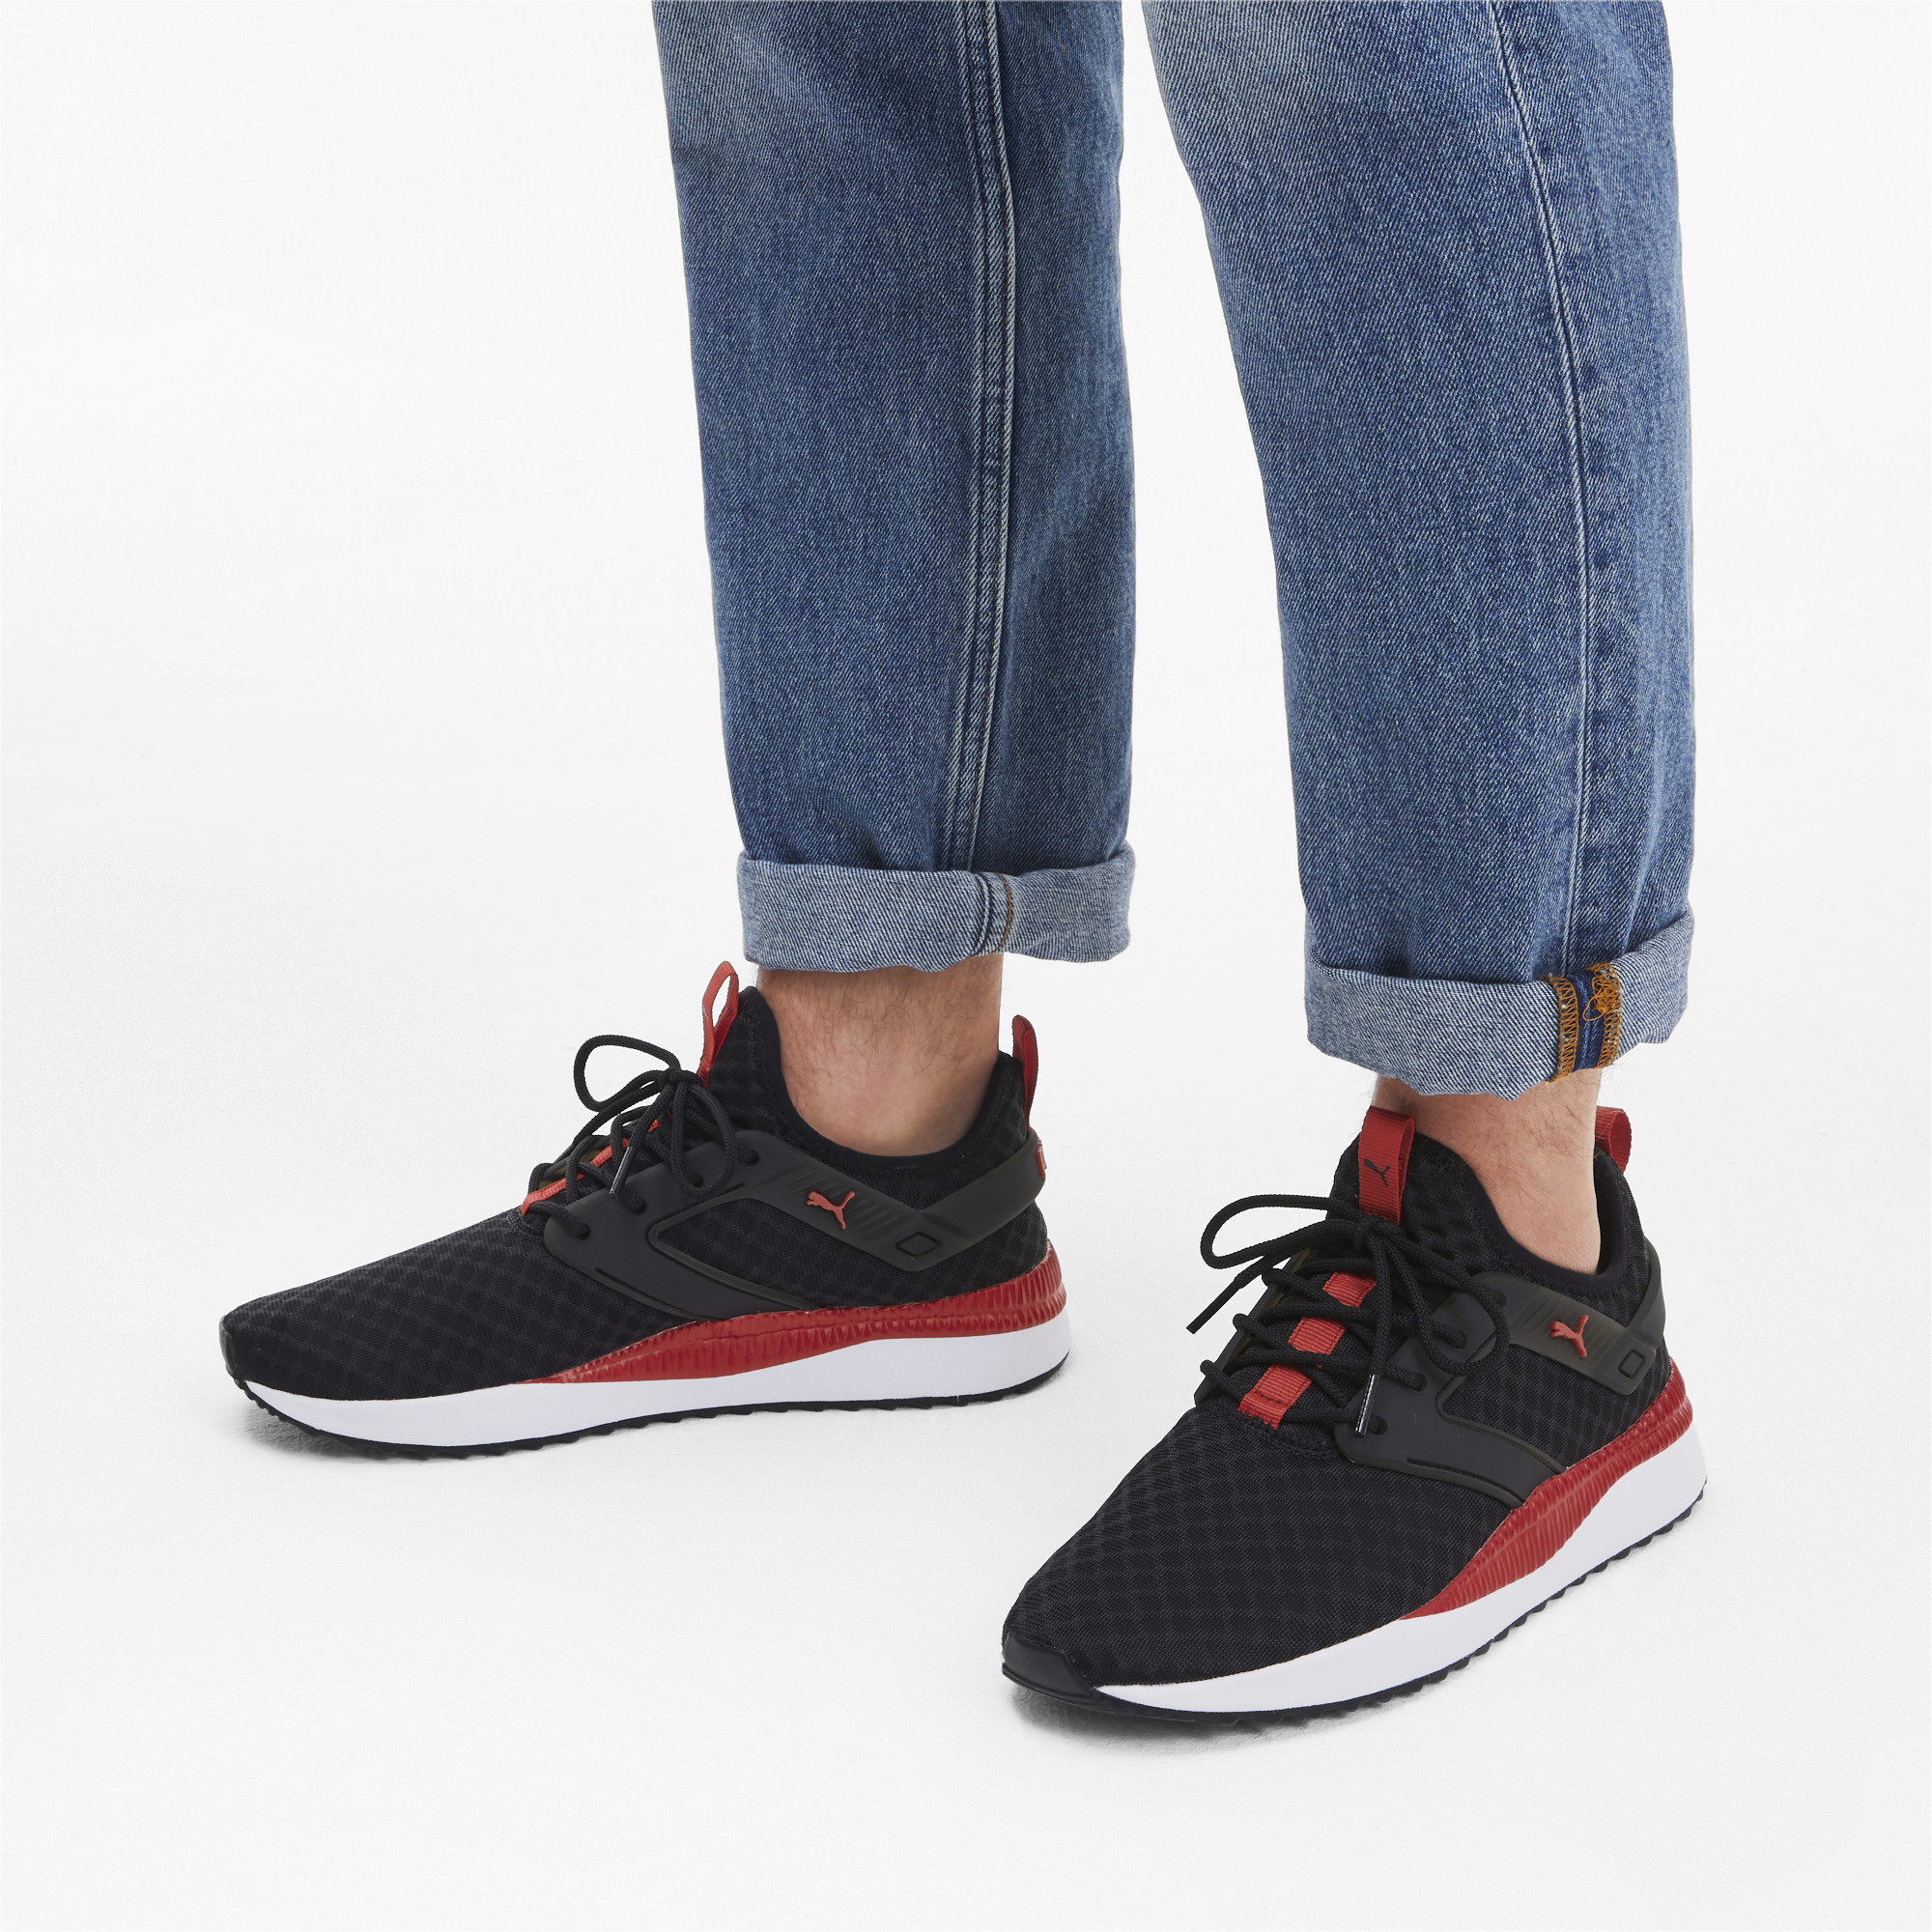 thumbnail 29 - PUMA Men's Pacer Next Excel Core Sneakers